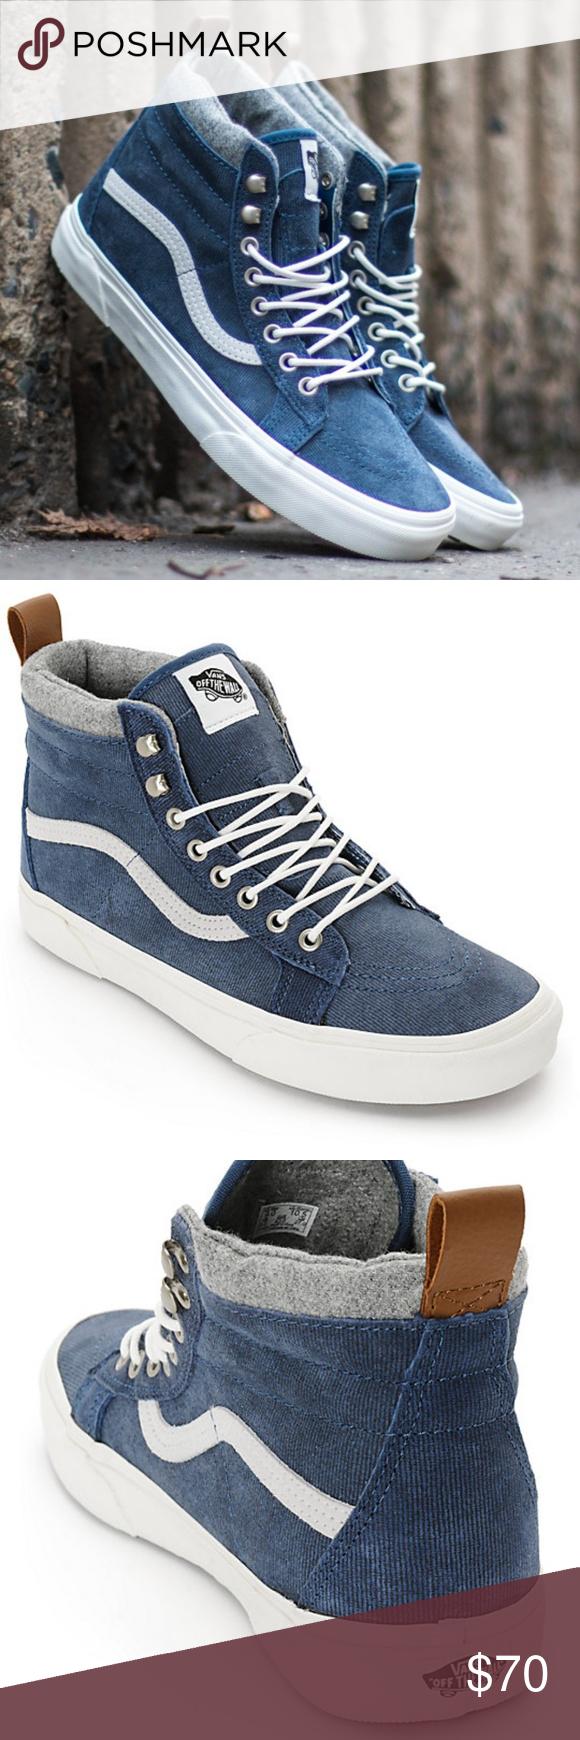 42fcf28febe VANS  SK8-Hi MTE Skate Demin Suede Blue Shoes NEW WITH BOX VANS SK8